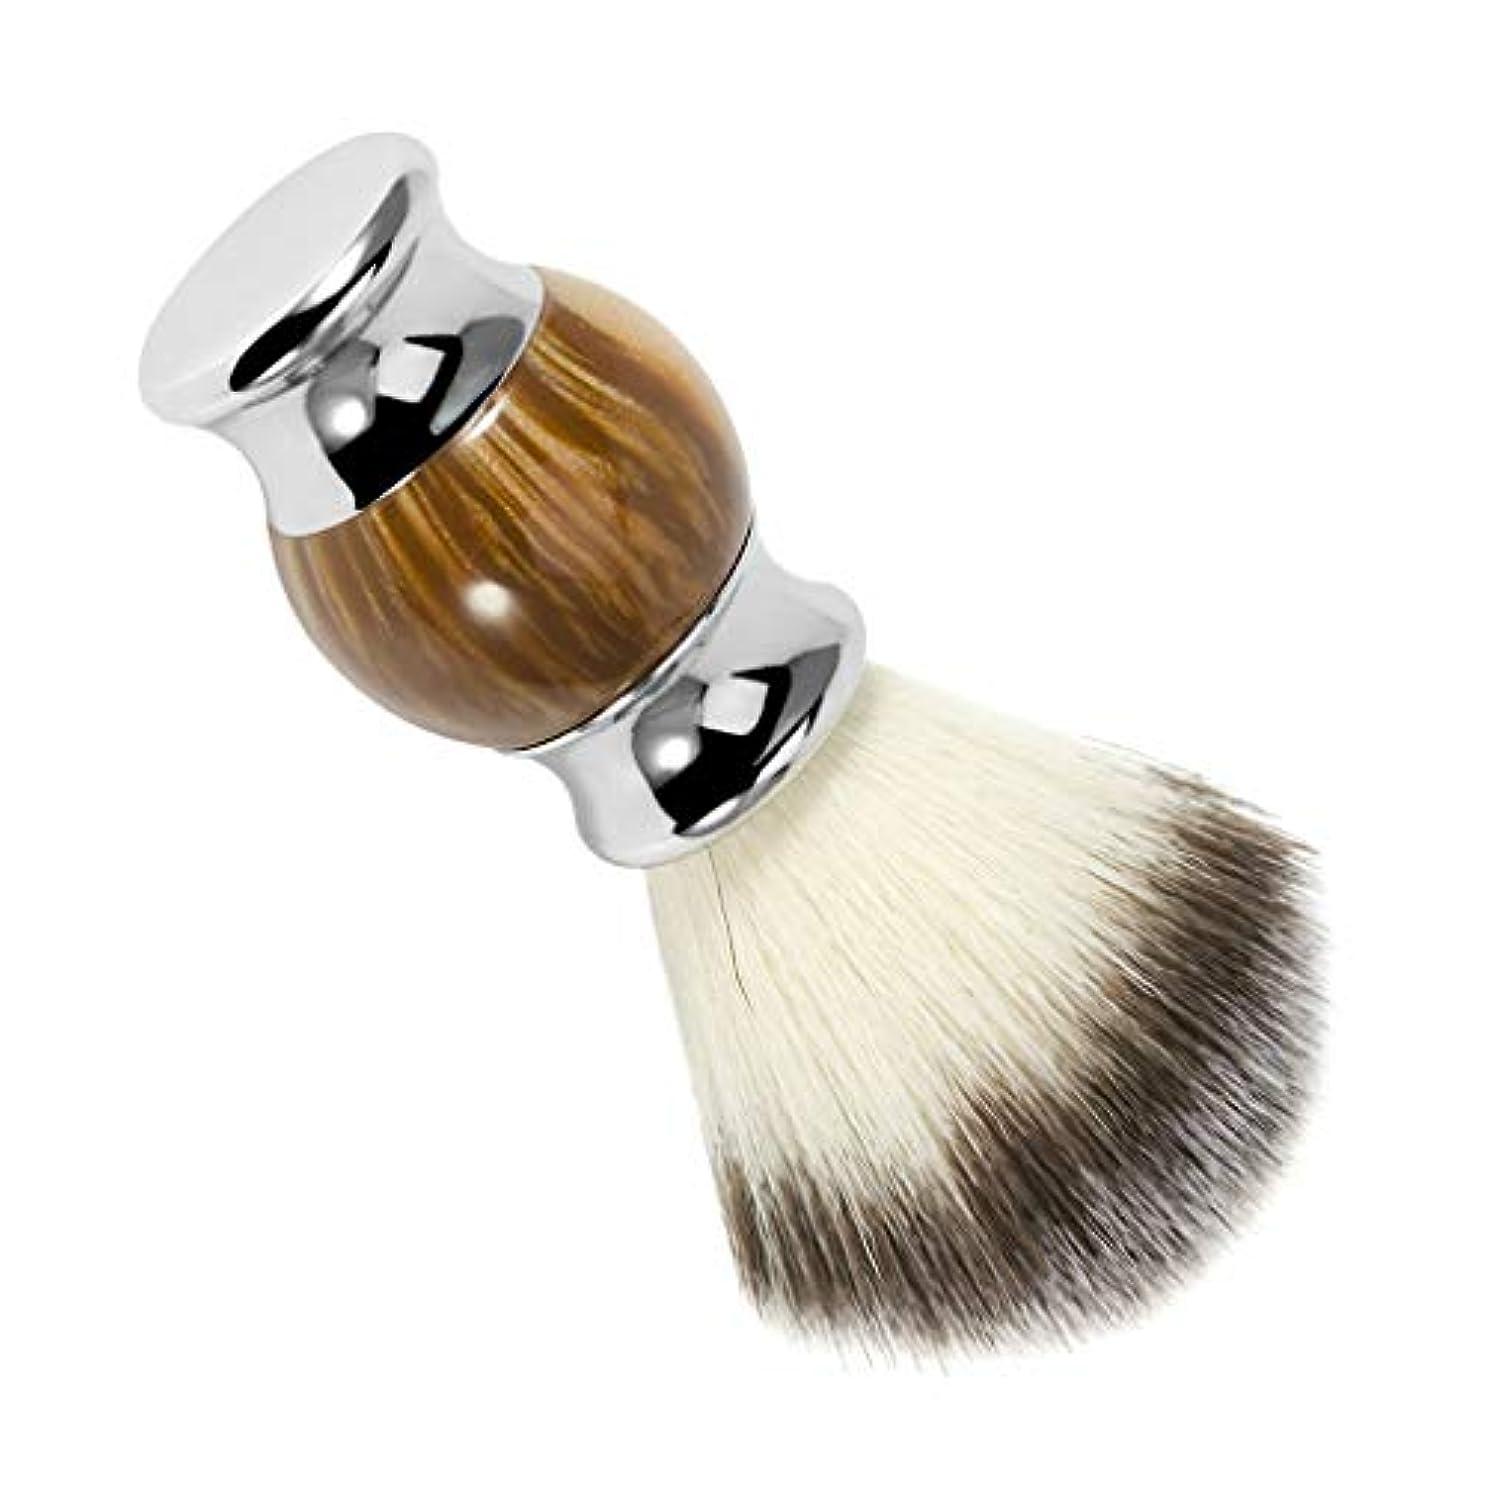 所得離すコンパスひげ剃りブラシ シェービングブラシ メンズ 髭剃り プロフェッショナル ひげ剃り 美容ツール